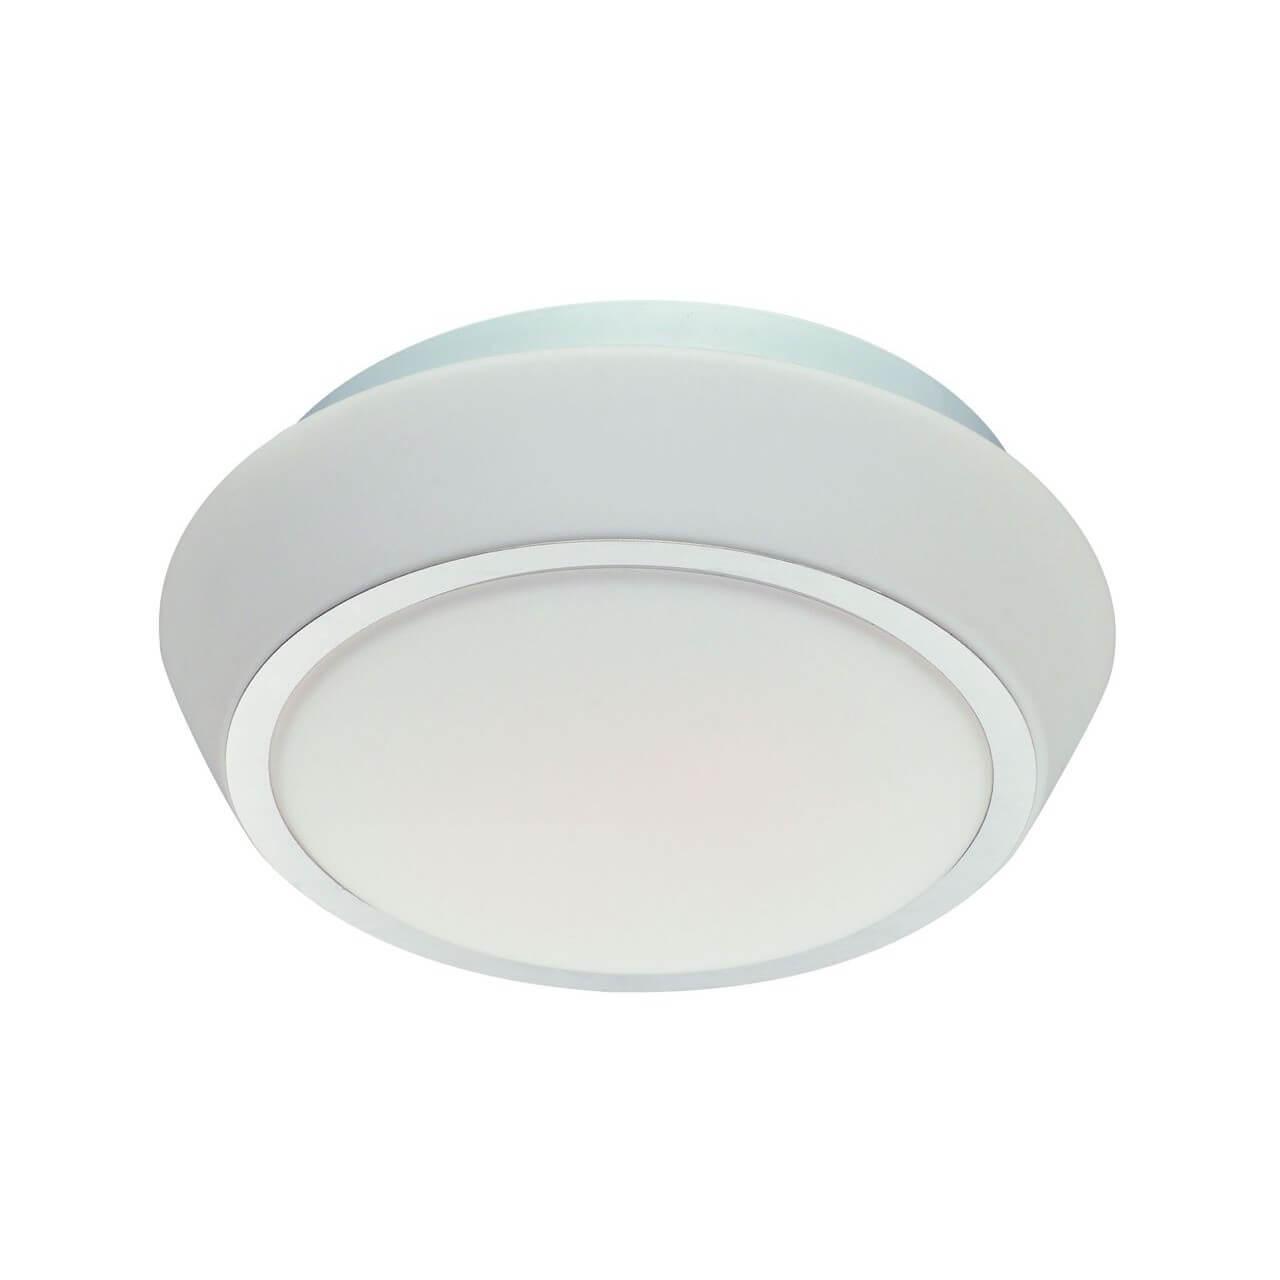 Потолочный светильник ST Luce Bagno SL496.502.02 st luce потолочный светильник st luce bagno sl496 502 03